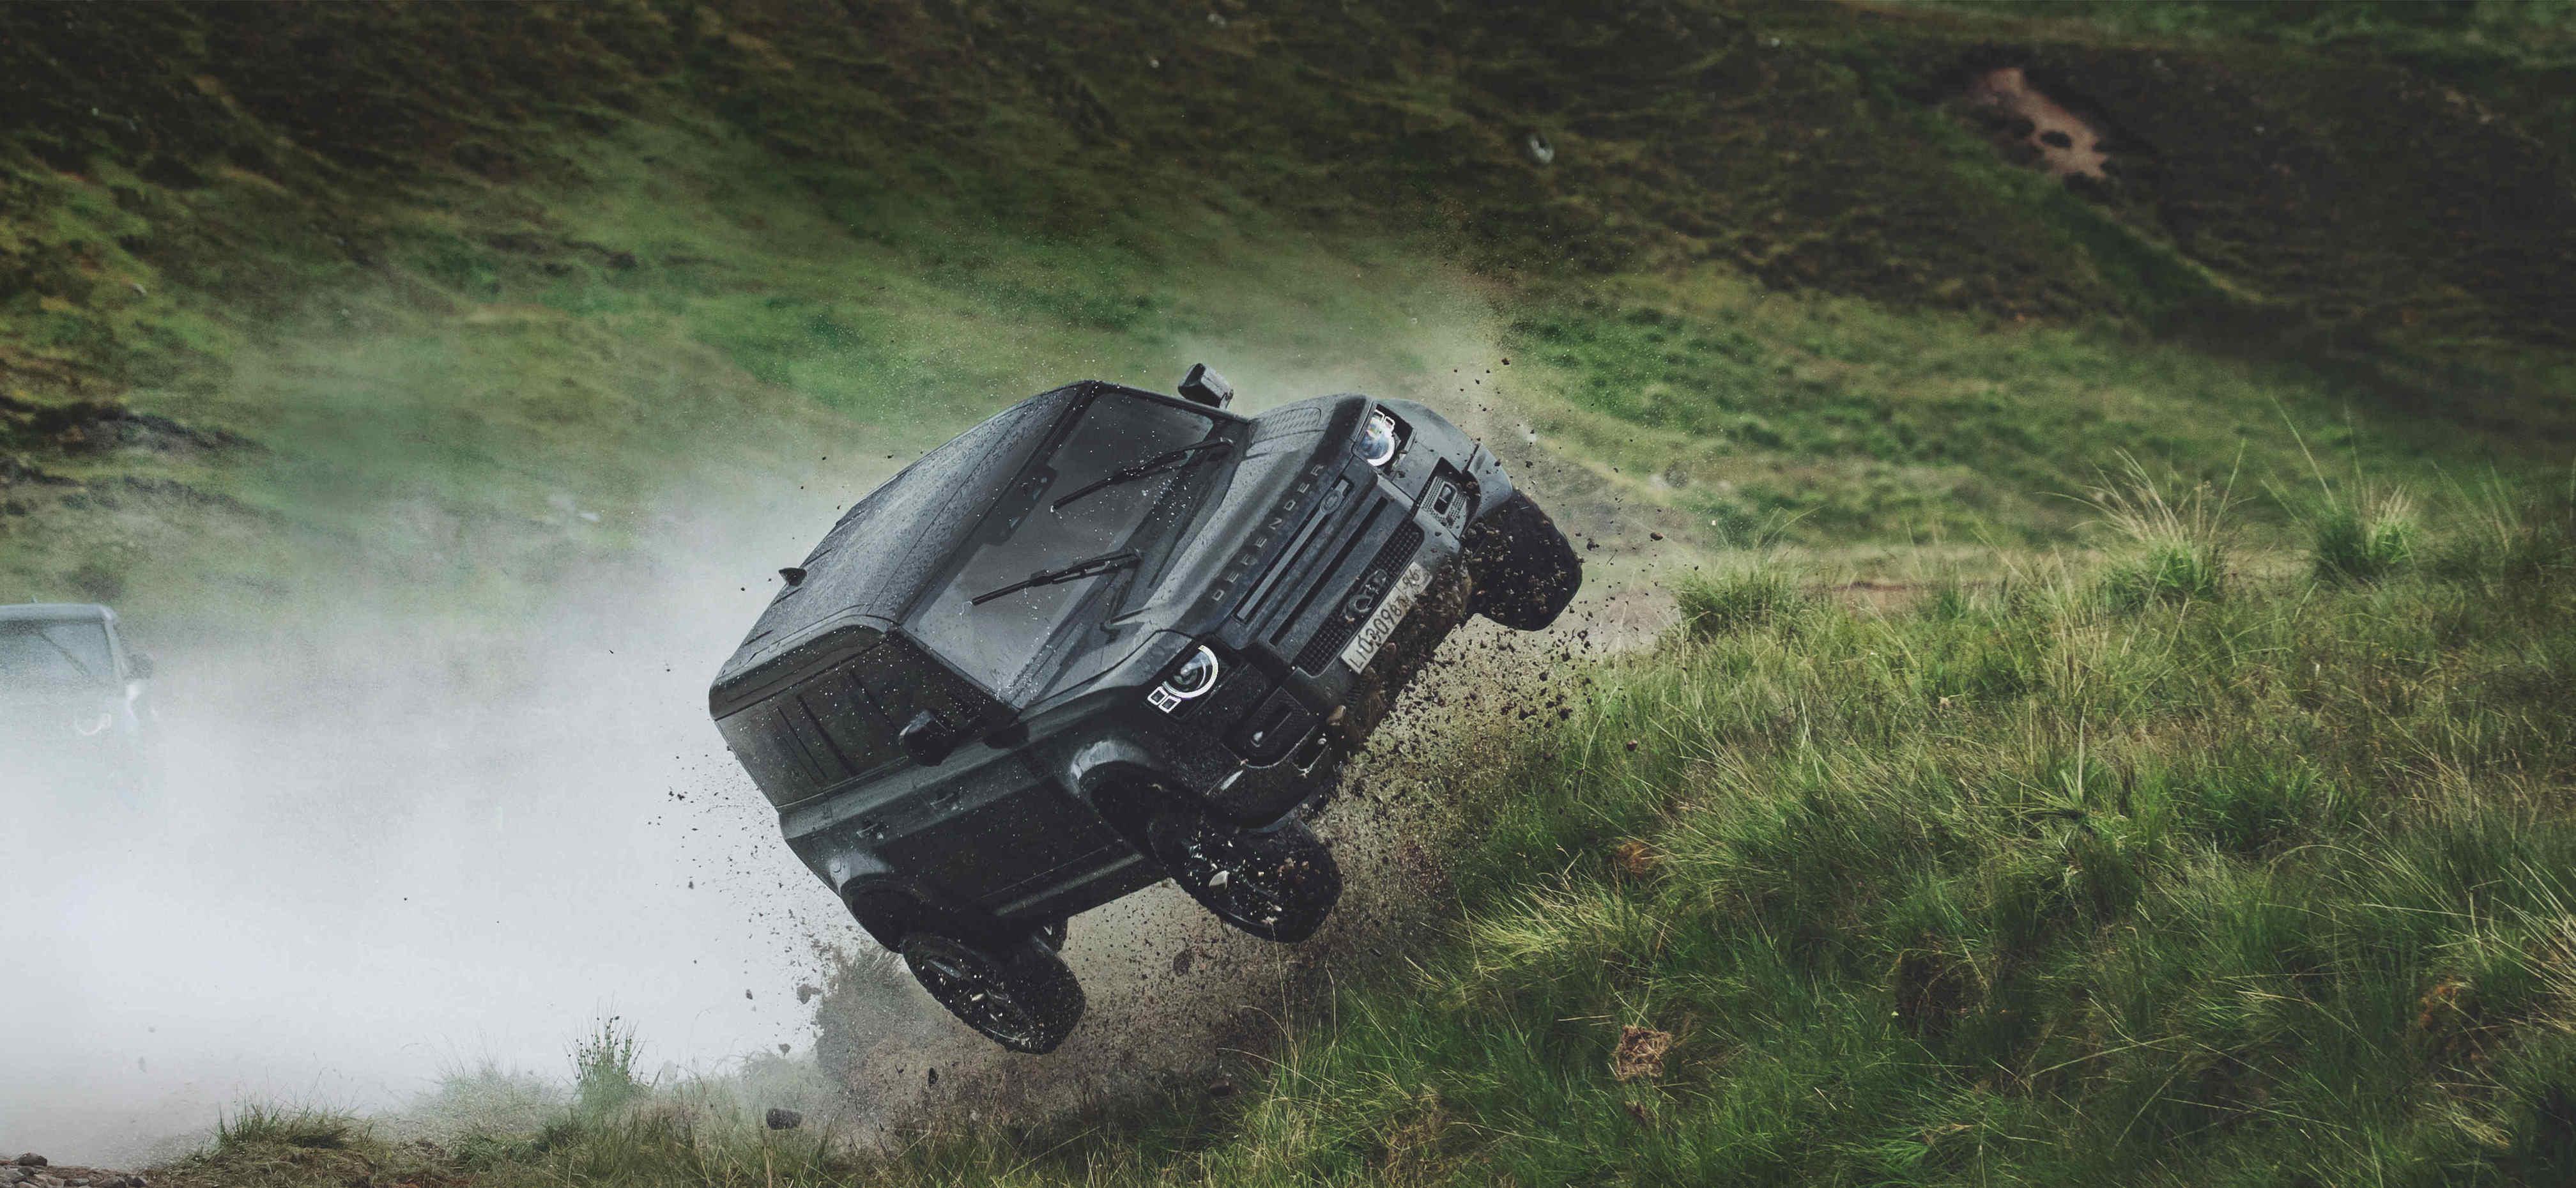 你的車可以這樣飛嗎?來看 Land Rover Defender 在【007生死交戰】中旋轉跳躍